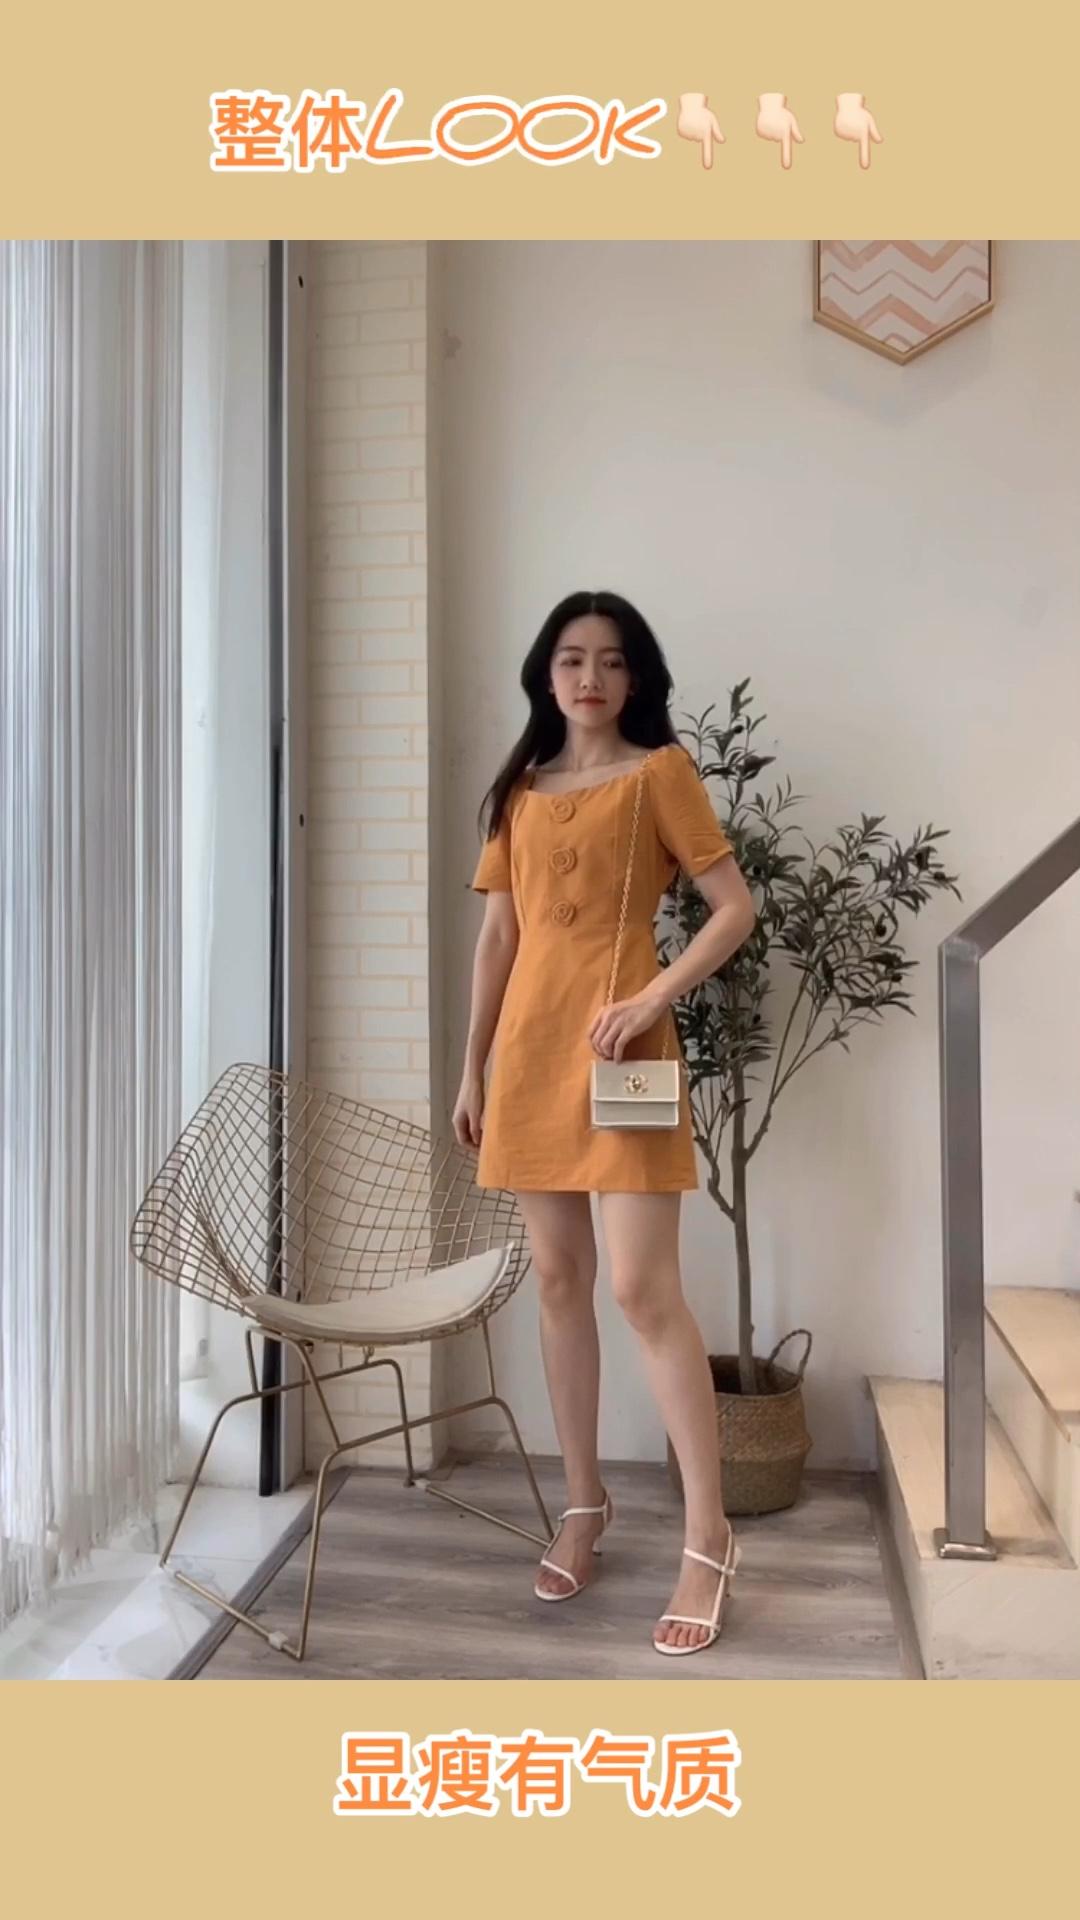 复古方领连衣裙 热气腾腾的夏日小裙子当然是温柔女孩的SHOU选拉,简约设计,胸前对襟增添立体玫瑰花点缀,让整条裙子都变得更加精致又俏皮,而且颜色也太显白了#618销量top竟是这些网红店!#